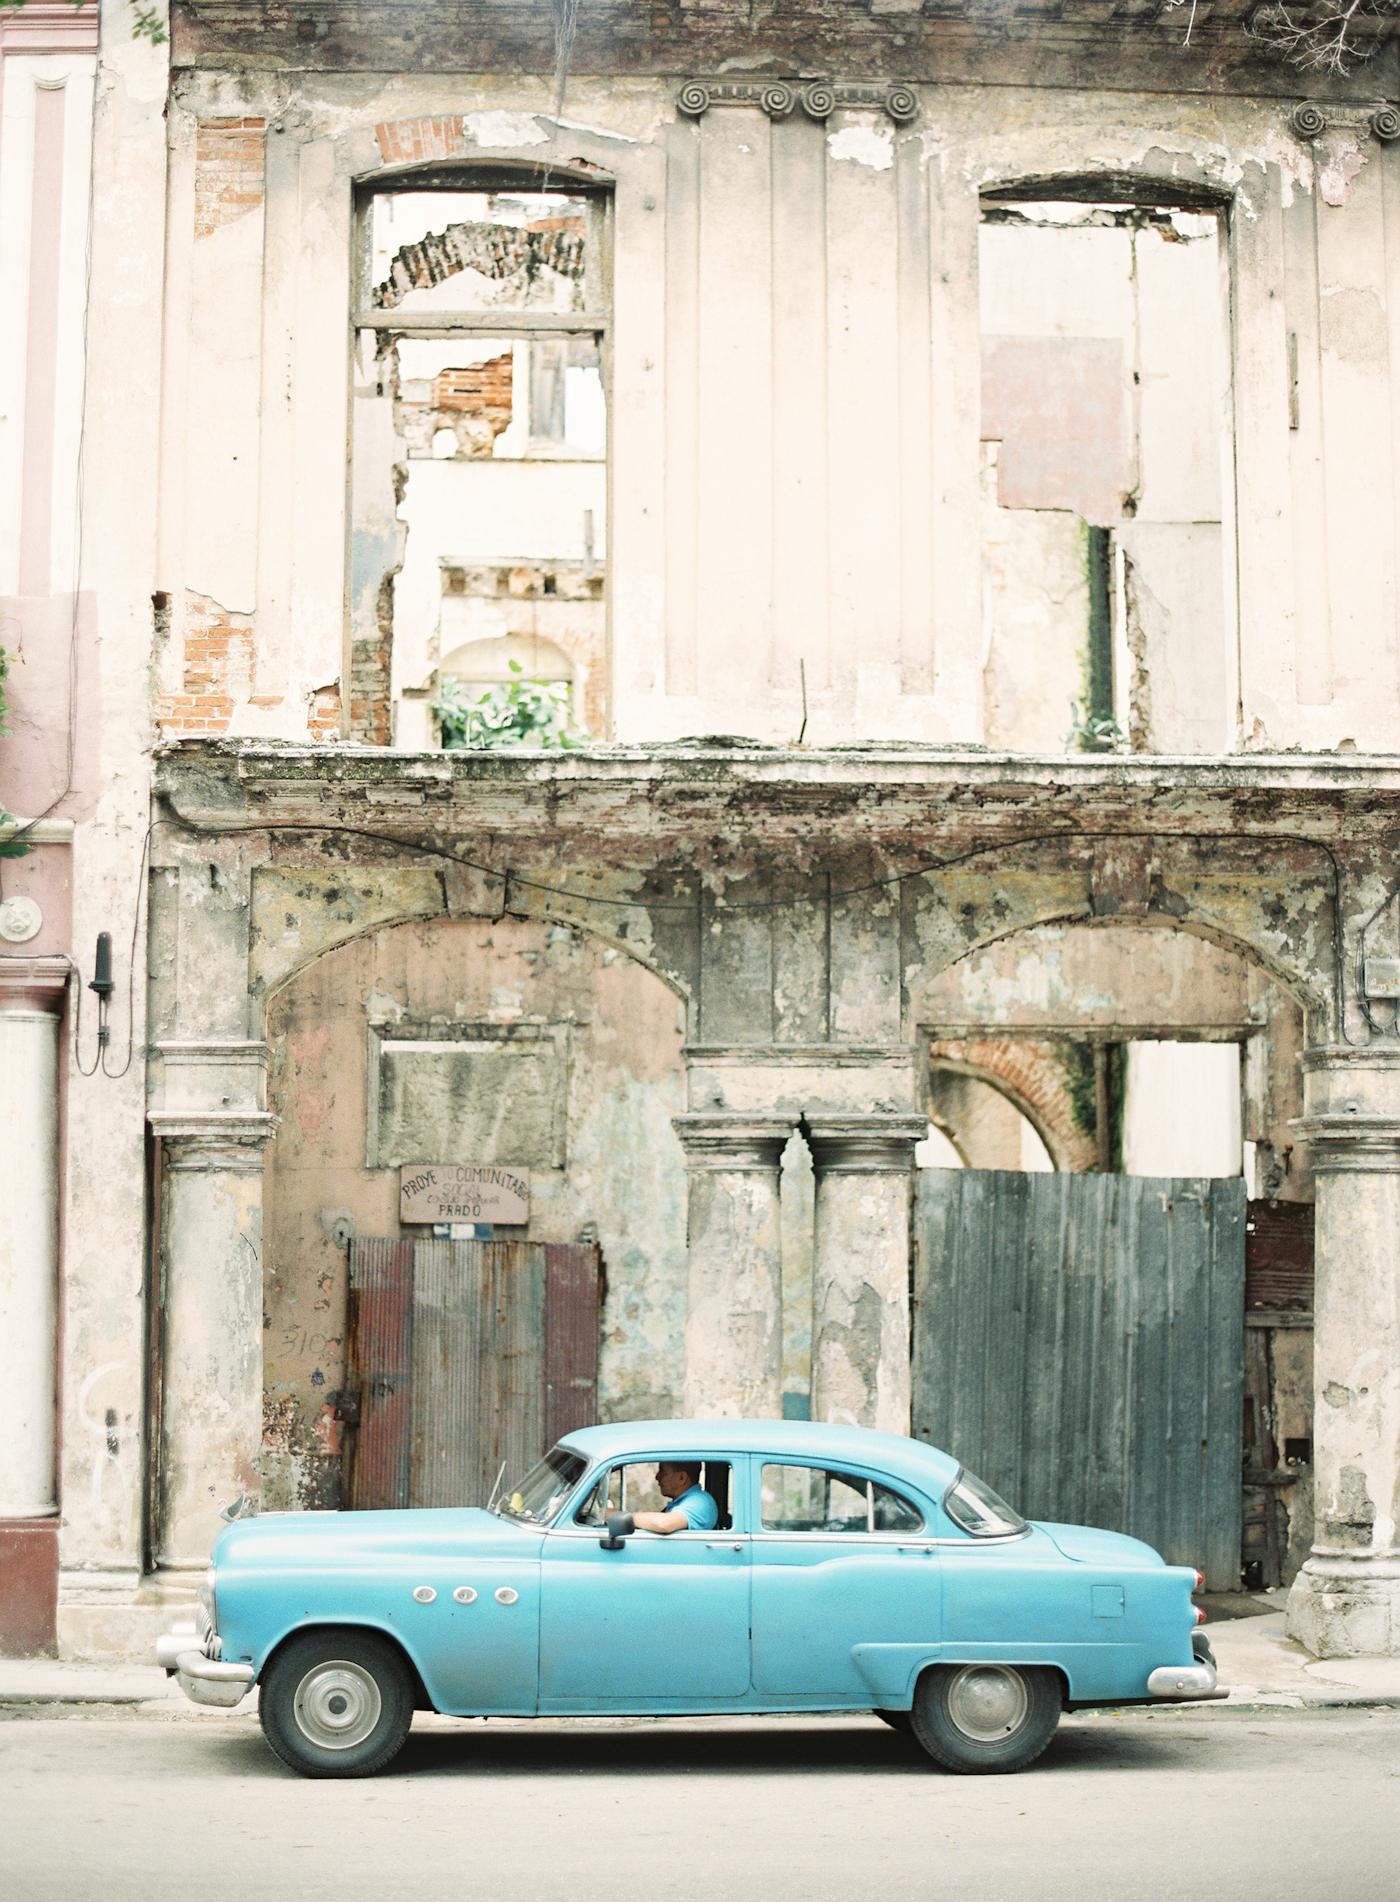 JenHuang-Cuba2016-15-009434-R1-010.jpg